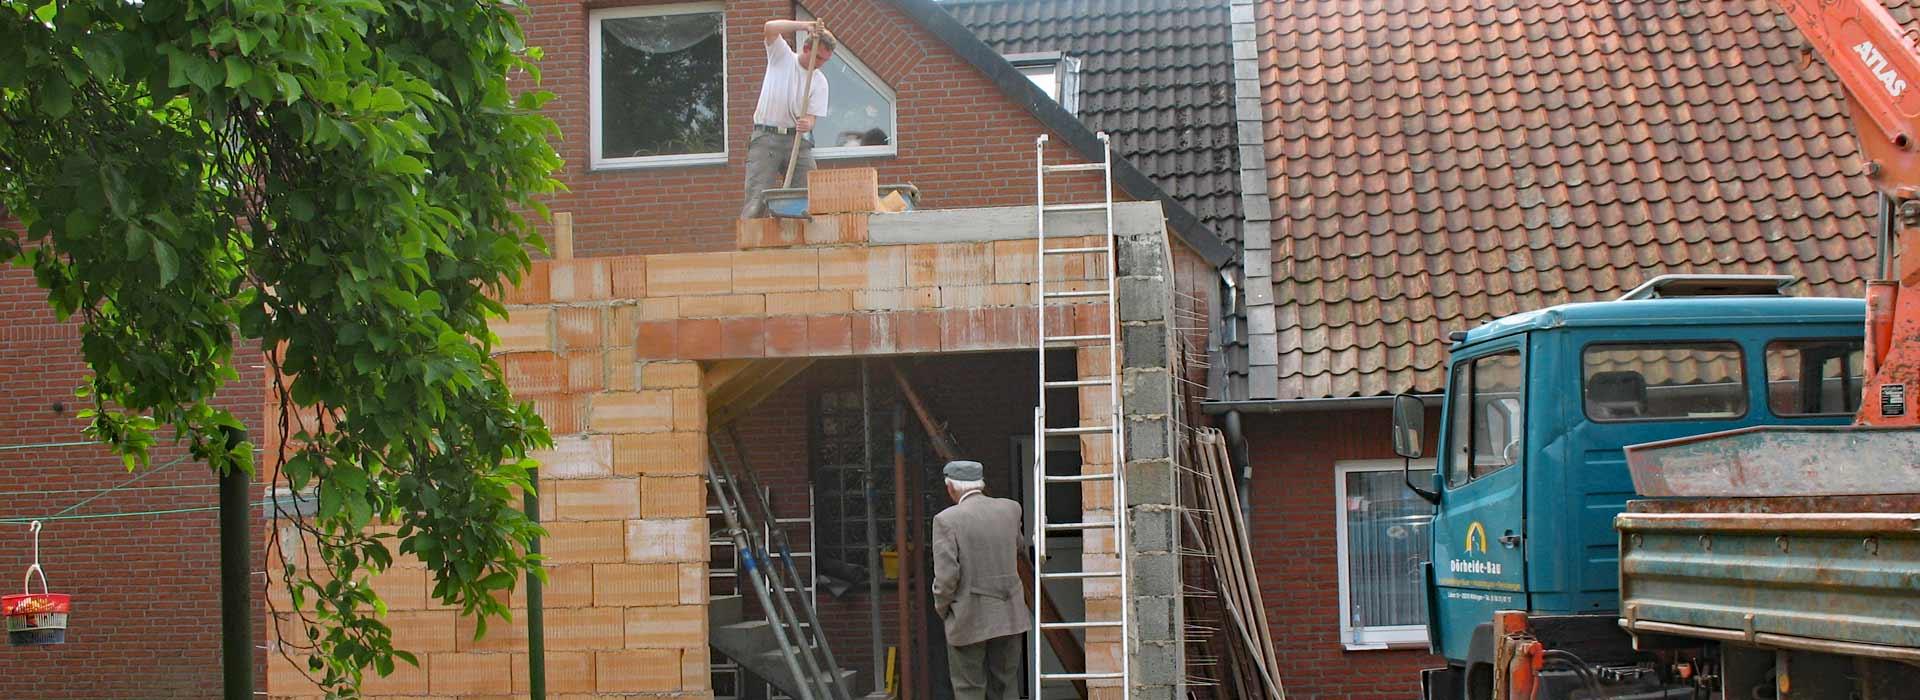 Dörheide-Bau Wittingen - Slider - Hausbau